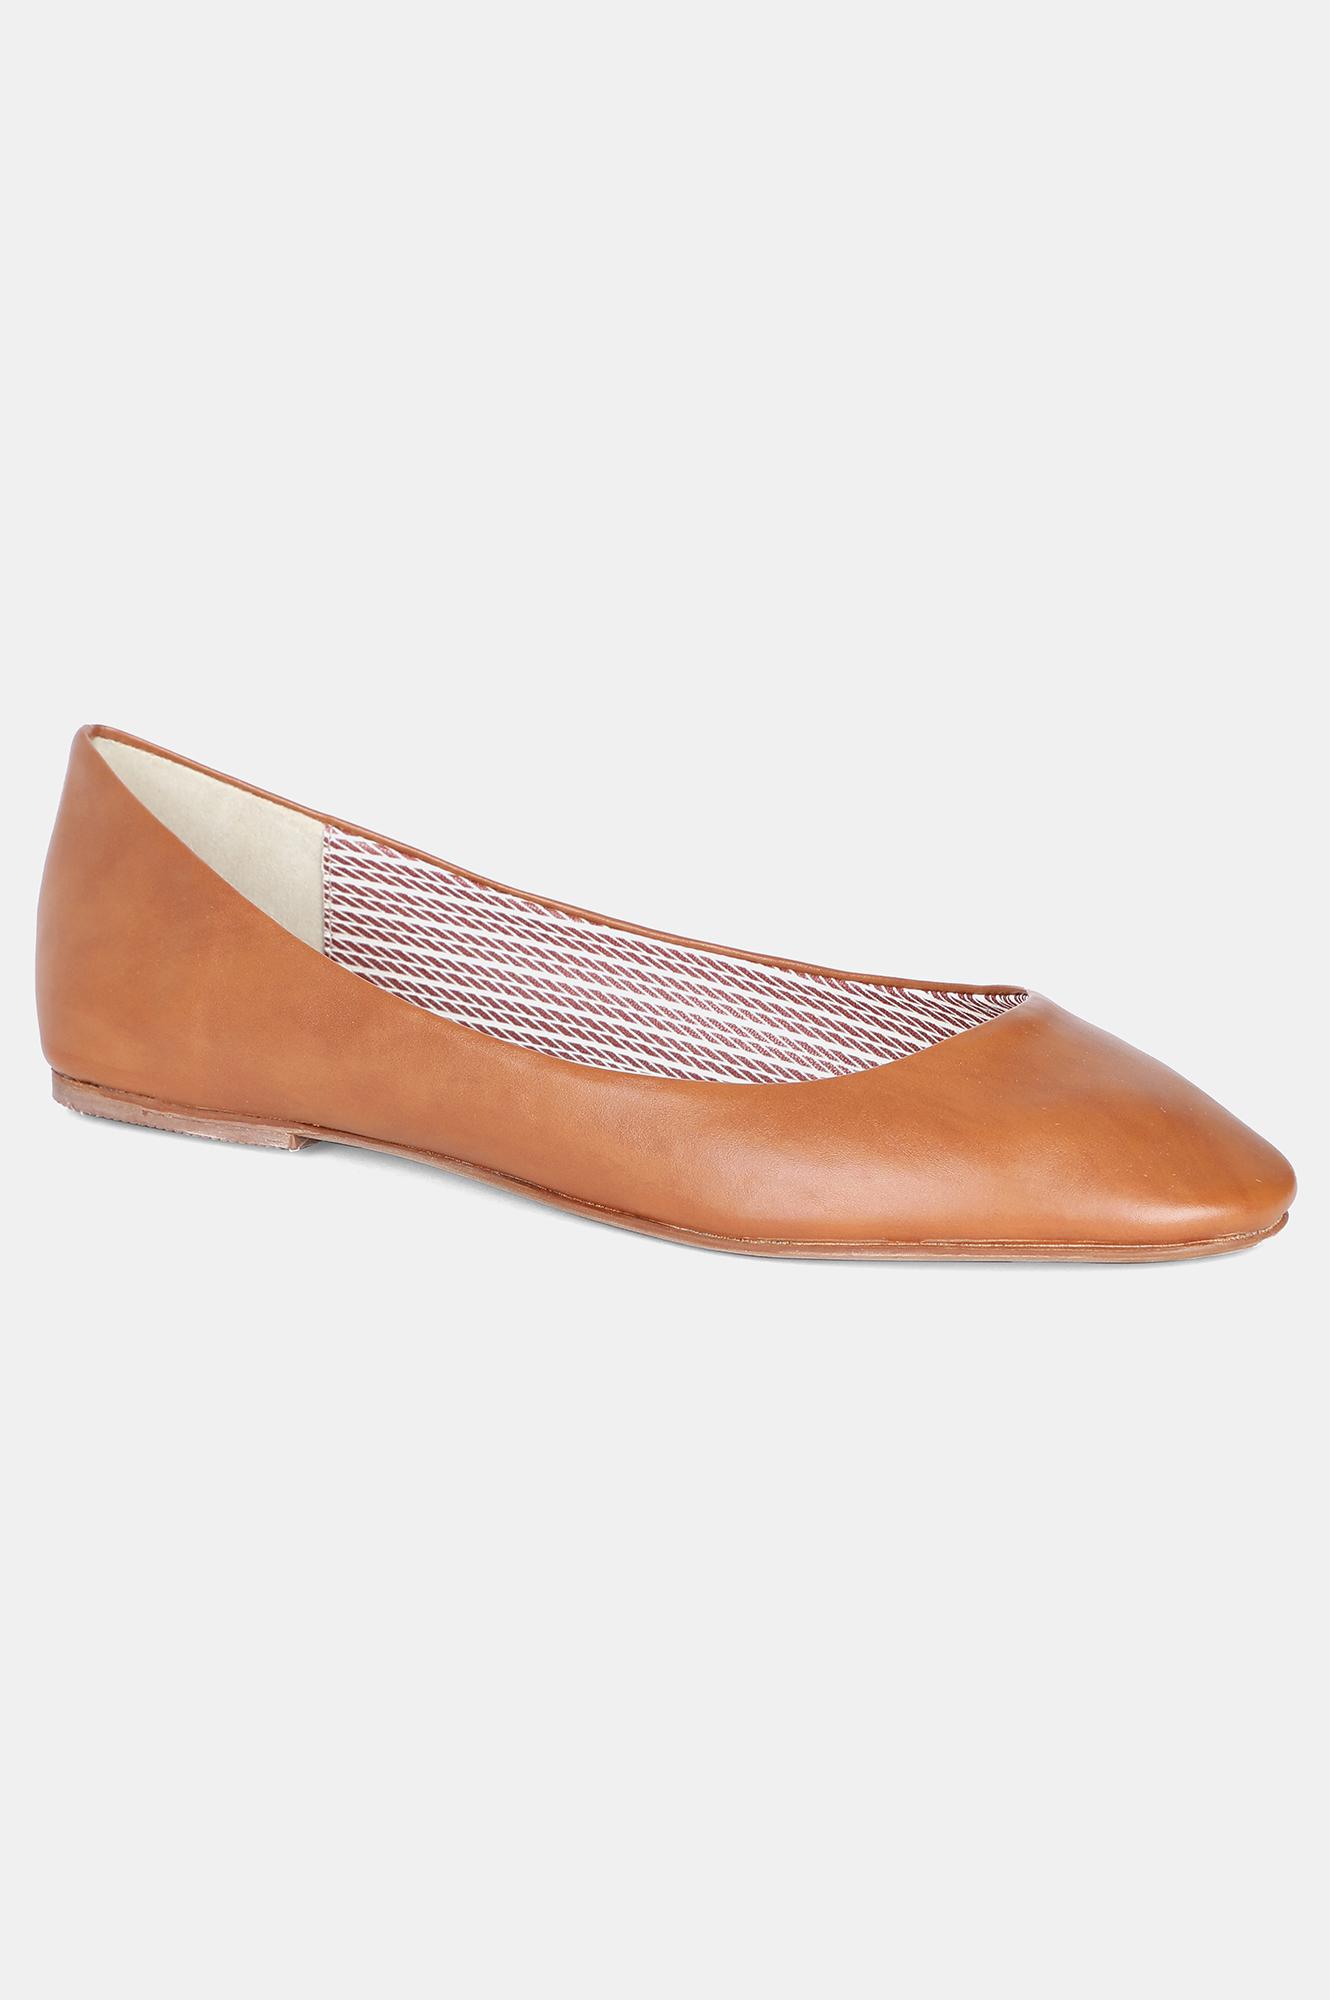 Aurelia | Aurelia Tan Round Toe Solid Flat